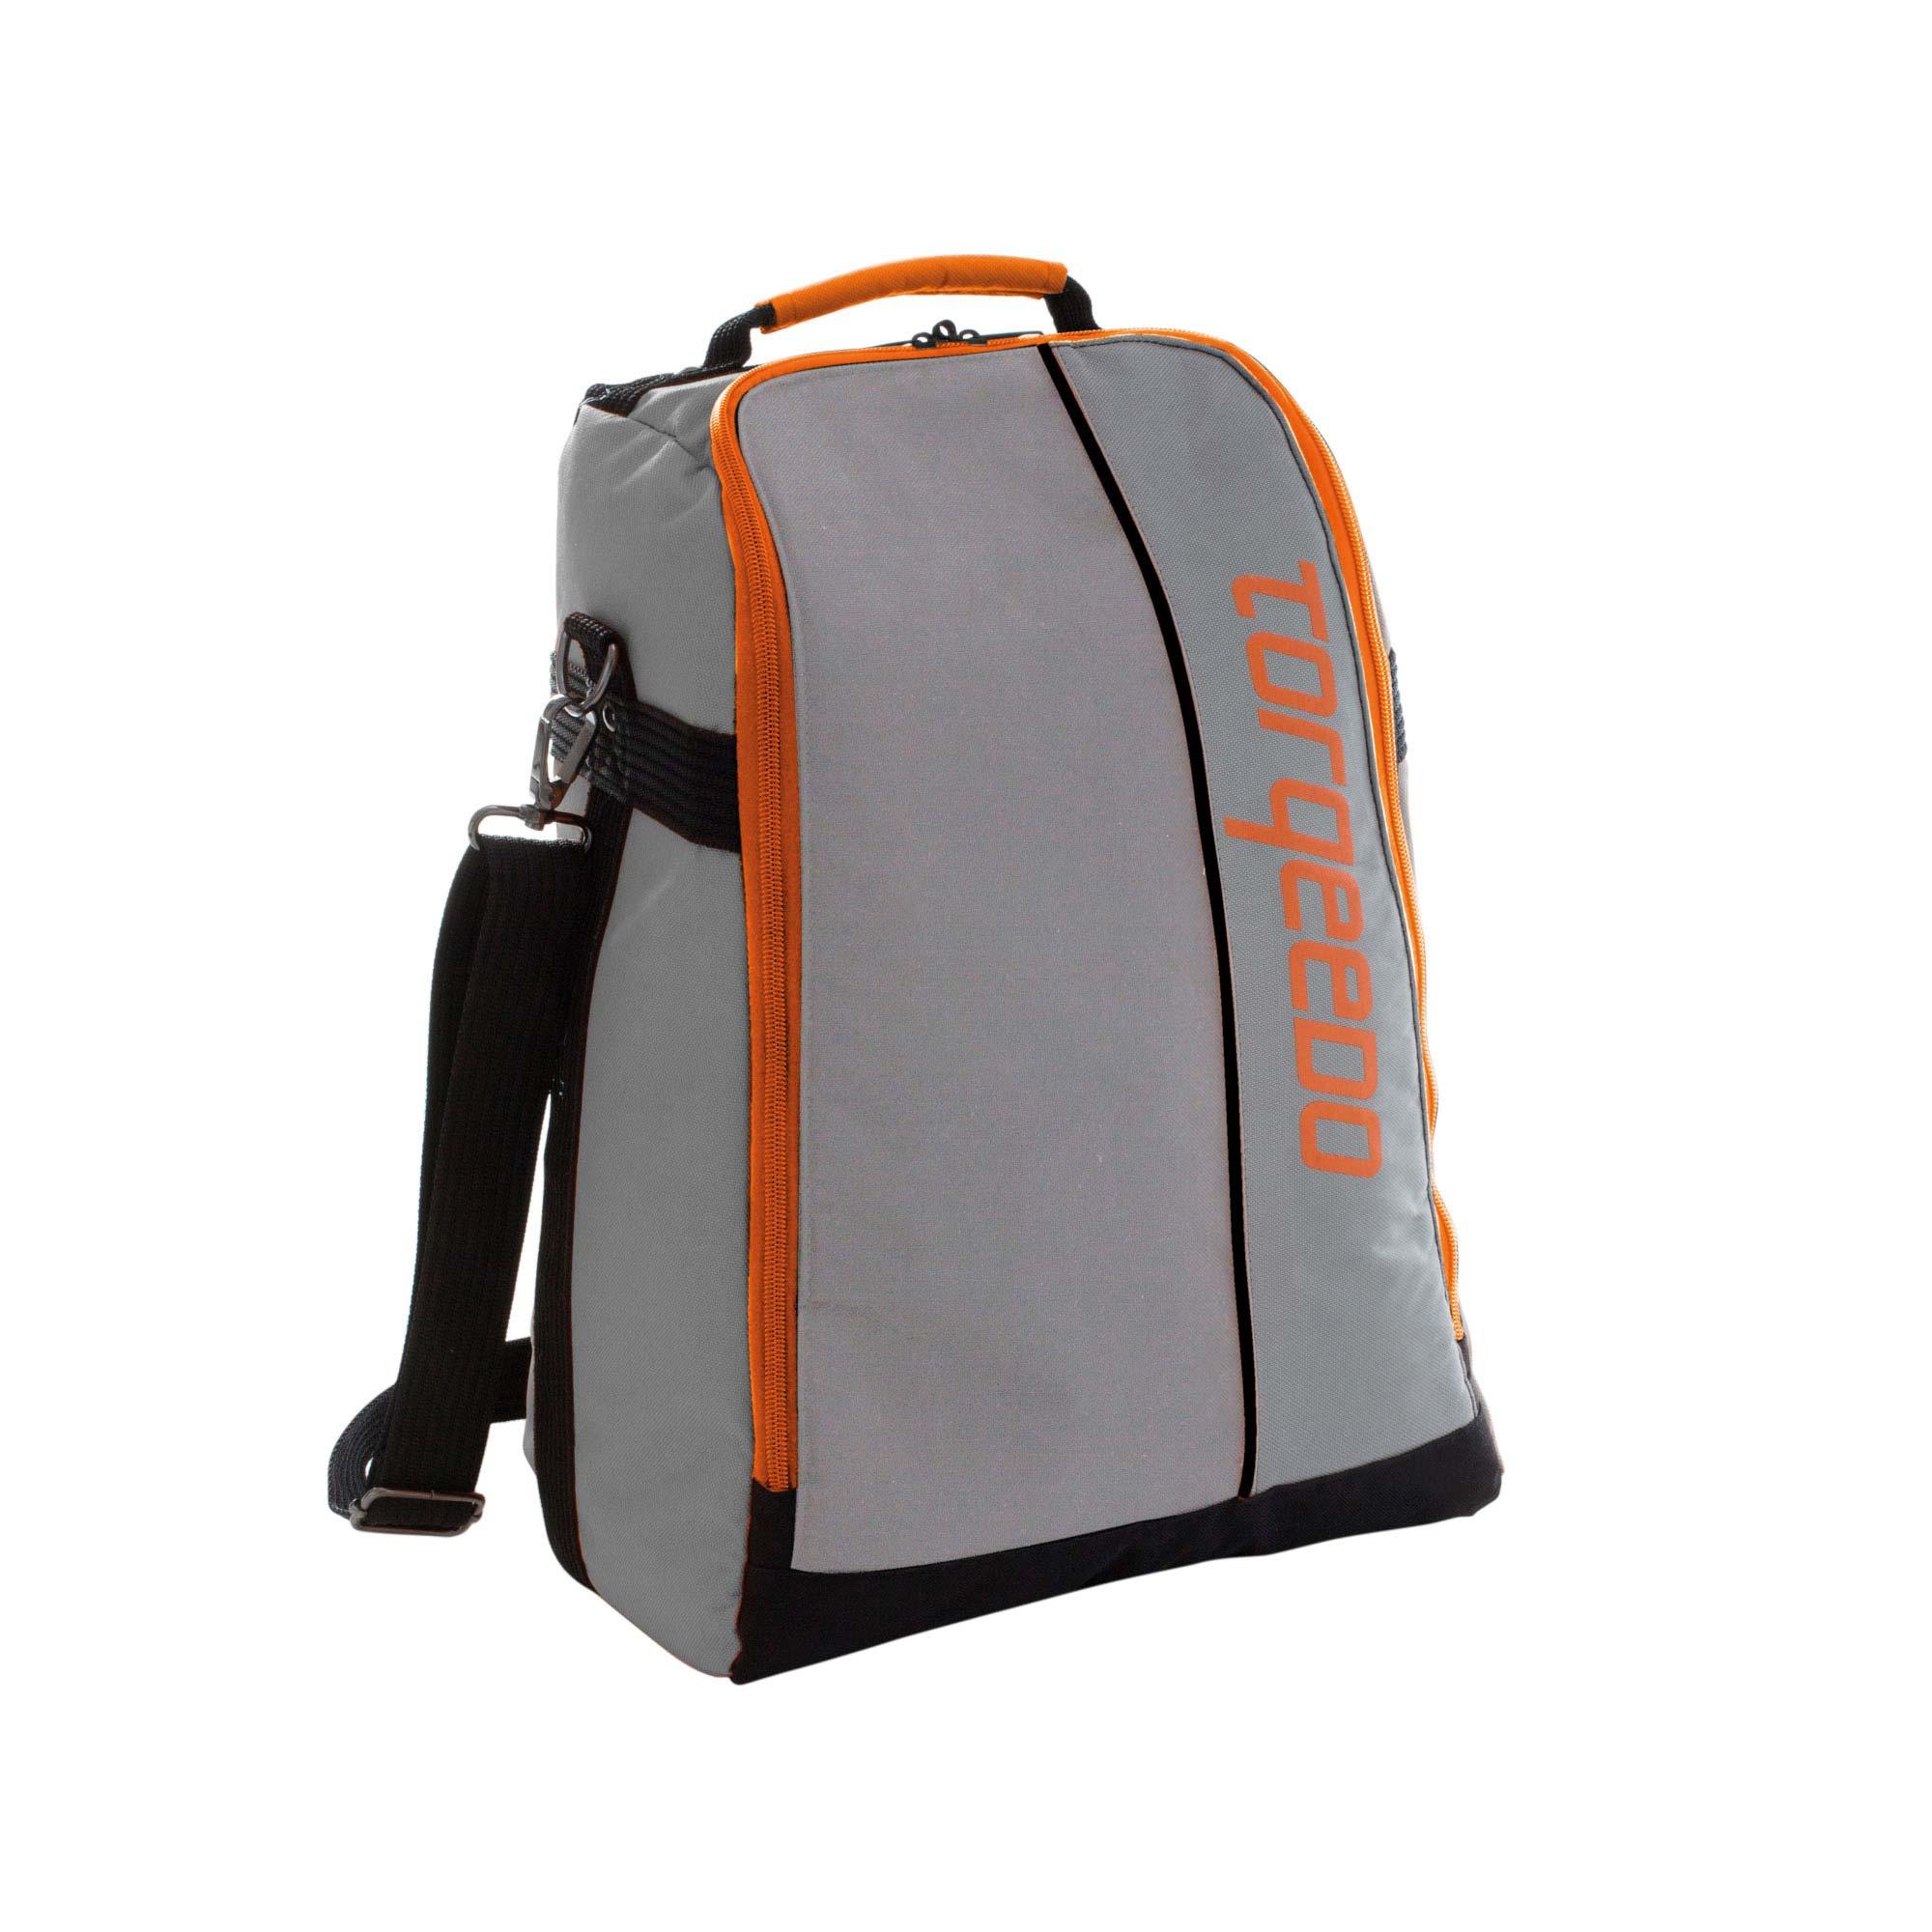 Torqeedo Travel Battery Bag